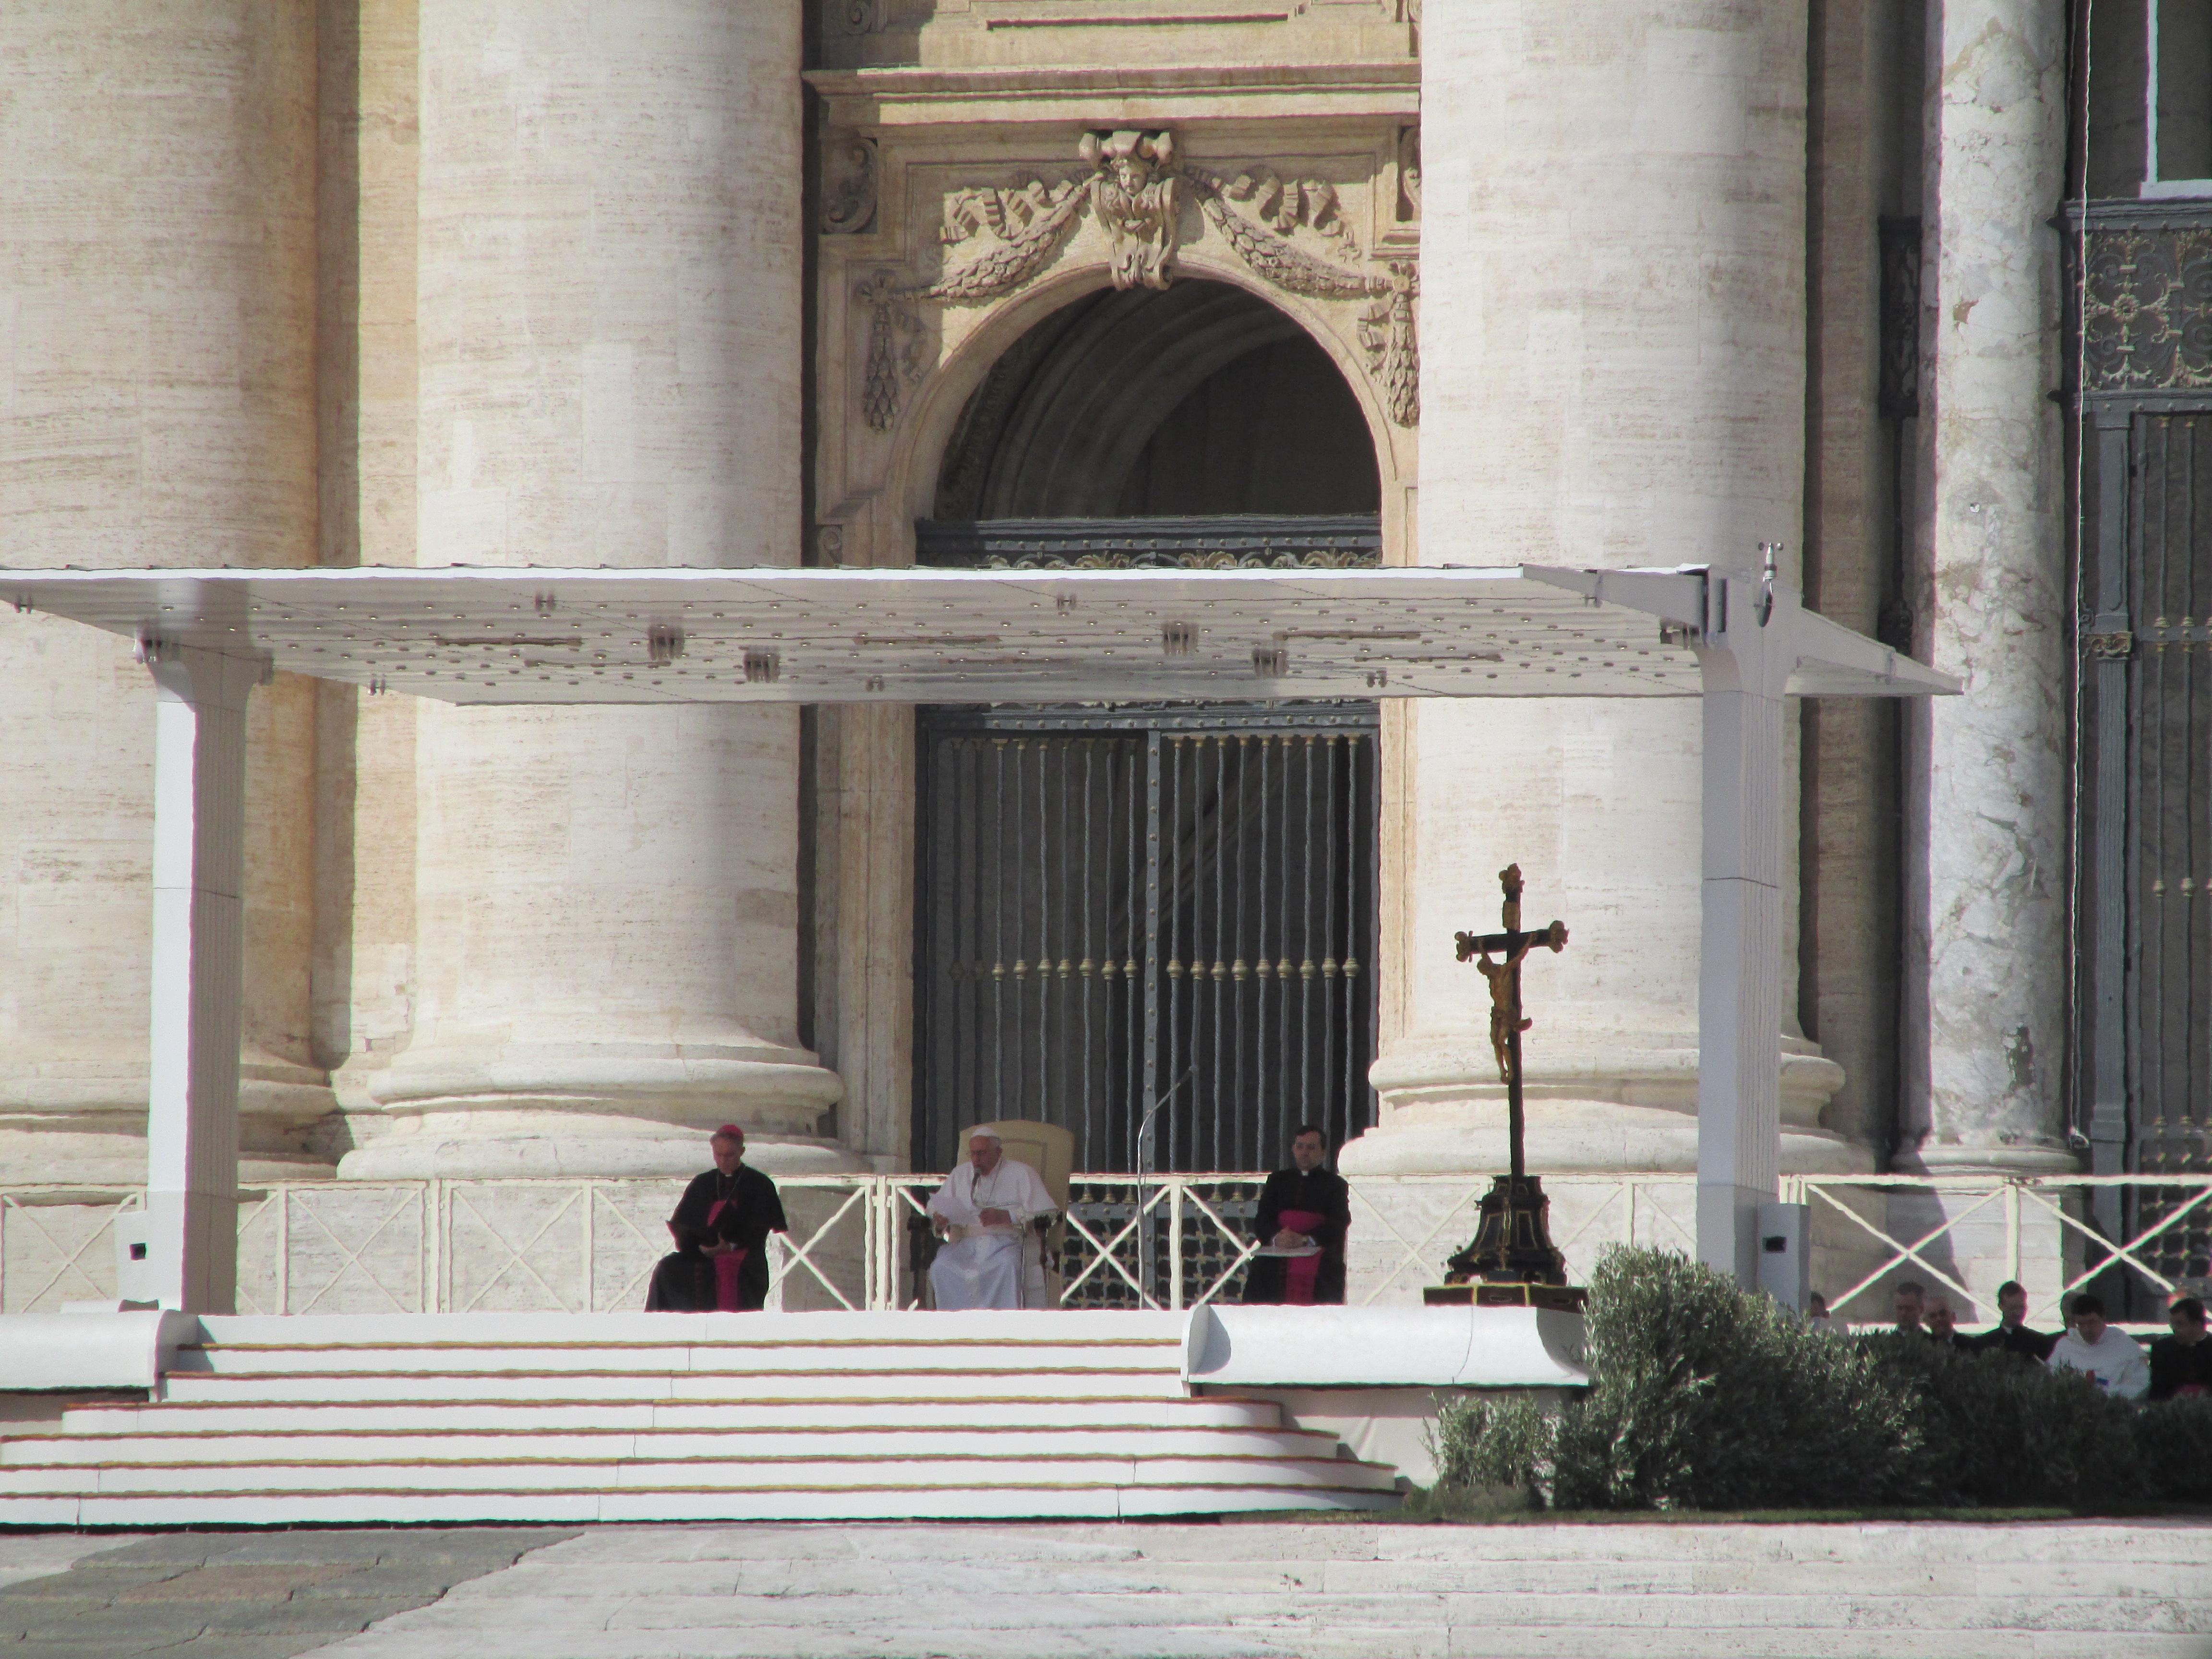 IMG 2521 - Consejos para visitar el Vaticano